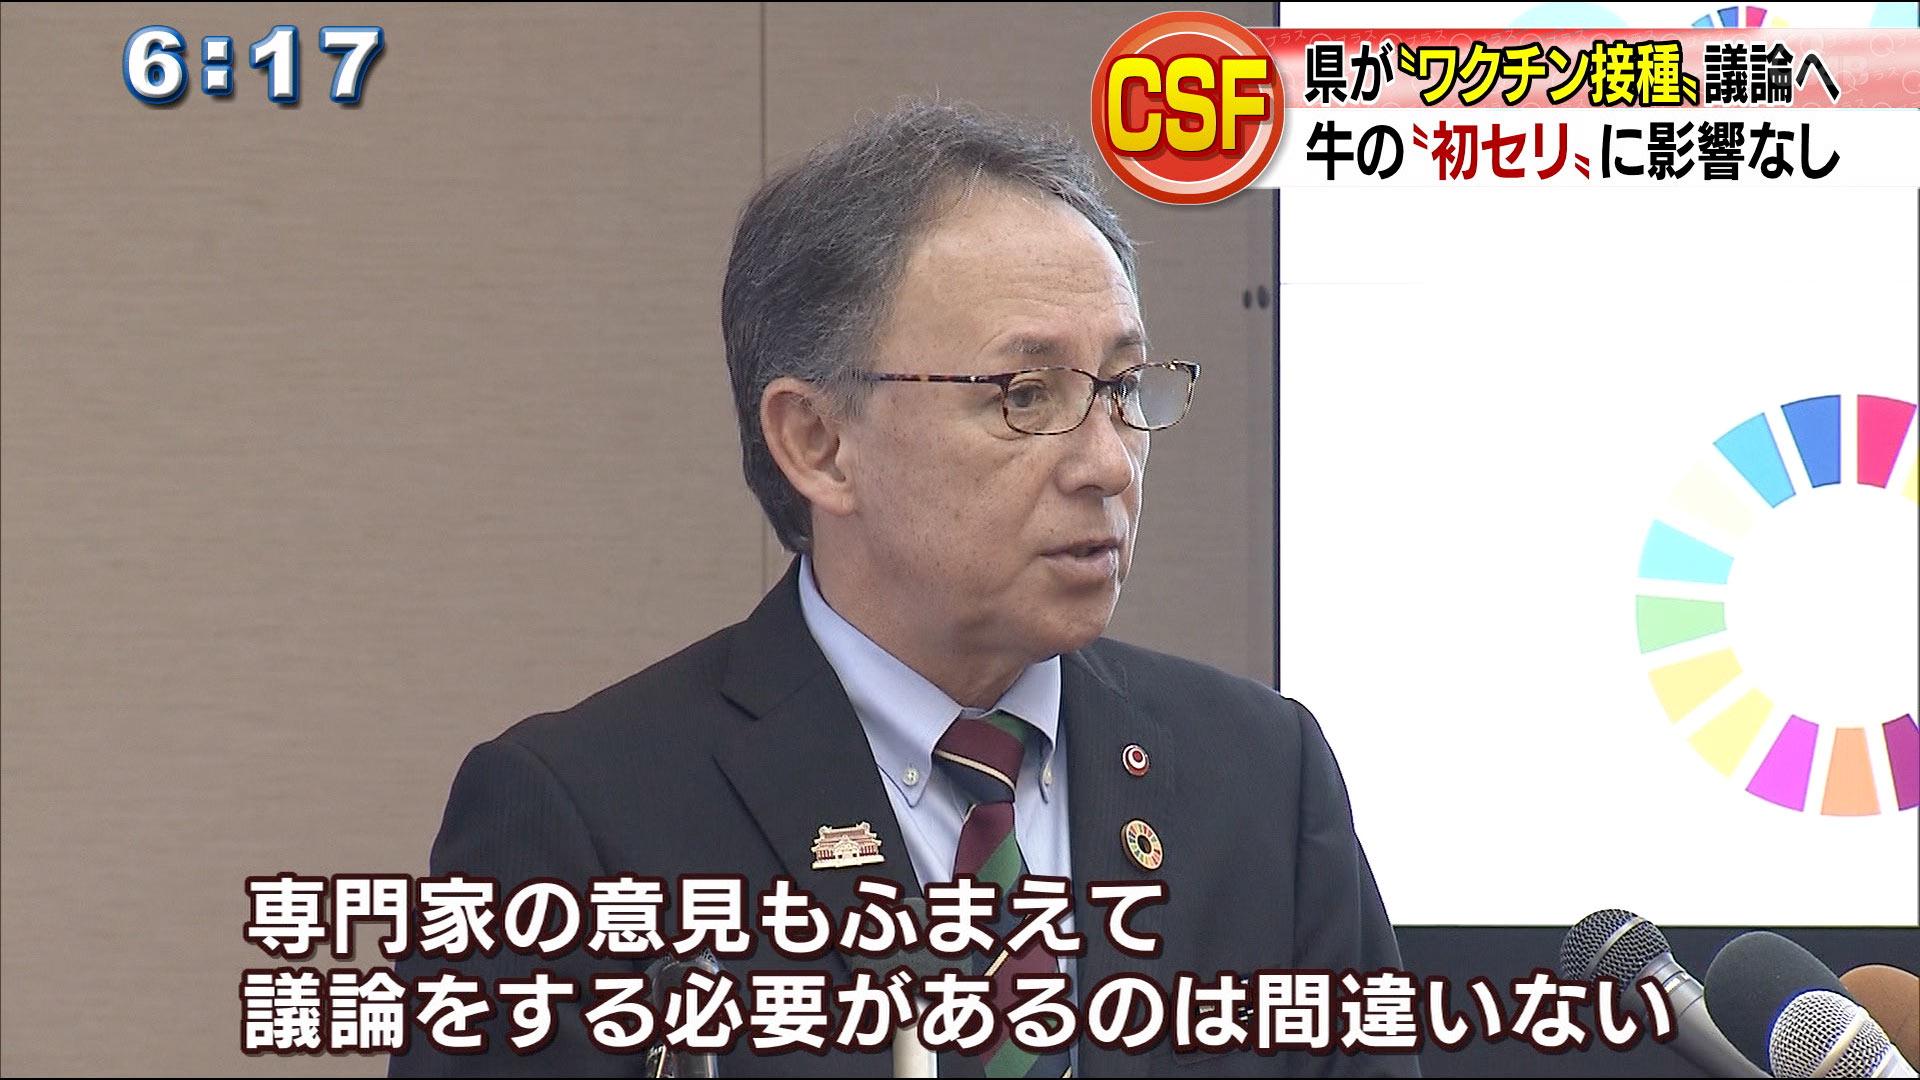 豚コレラ(CSF)ワクチン接種の検討など議論へ